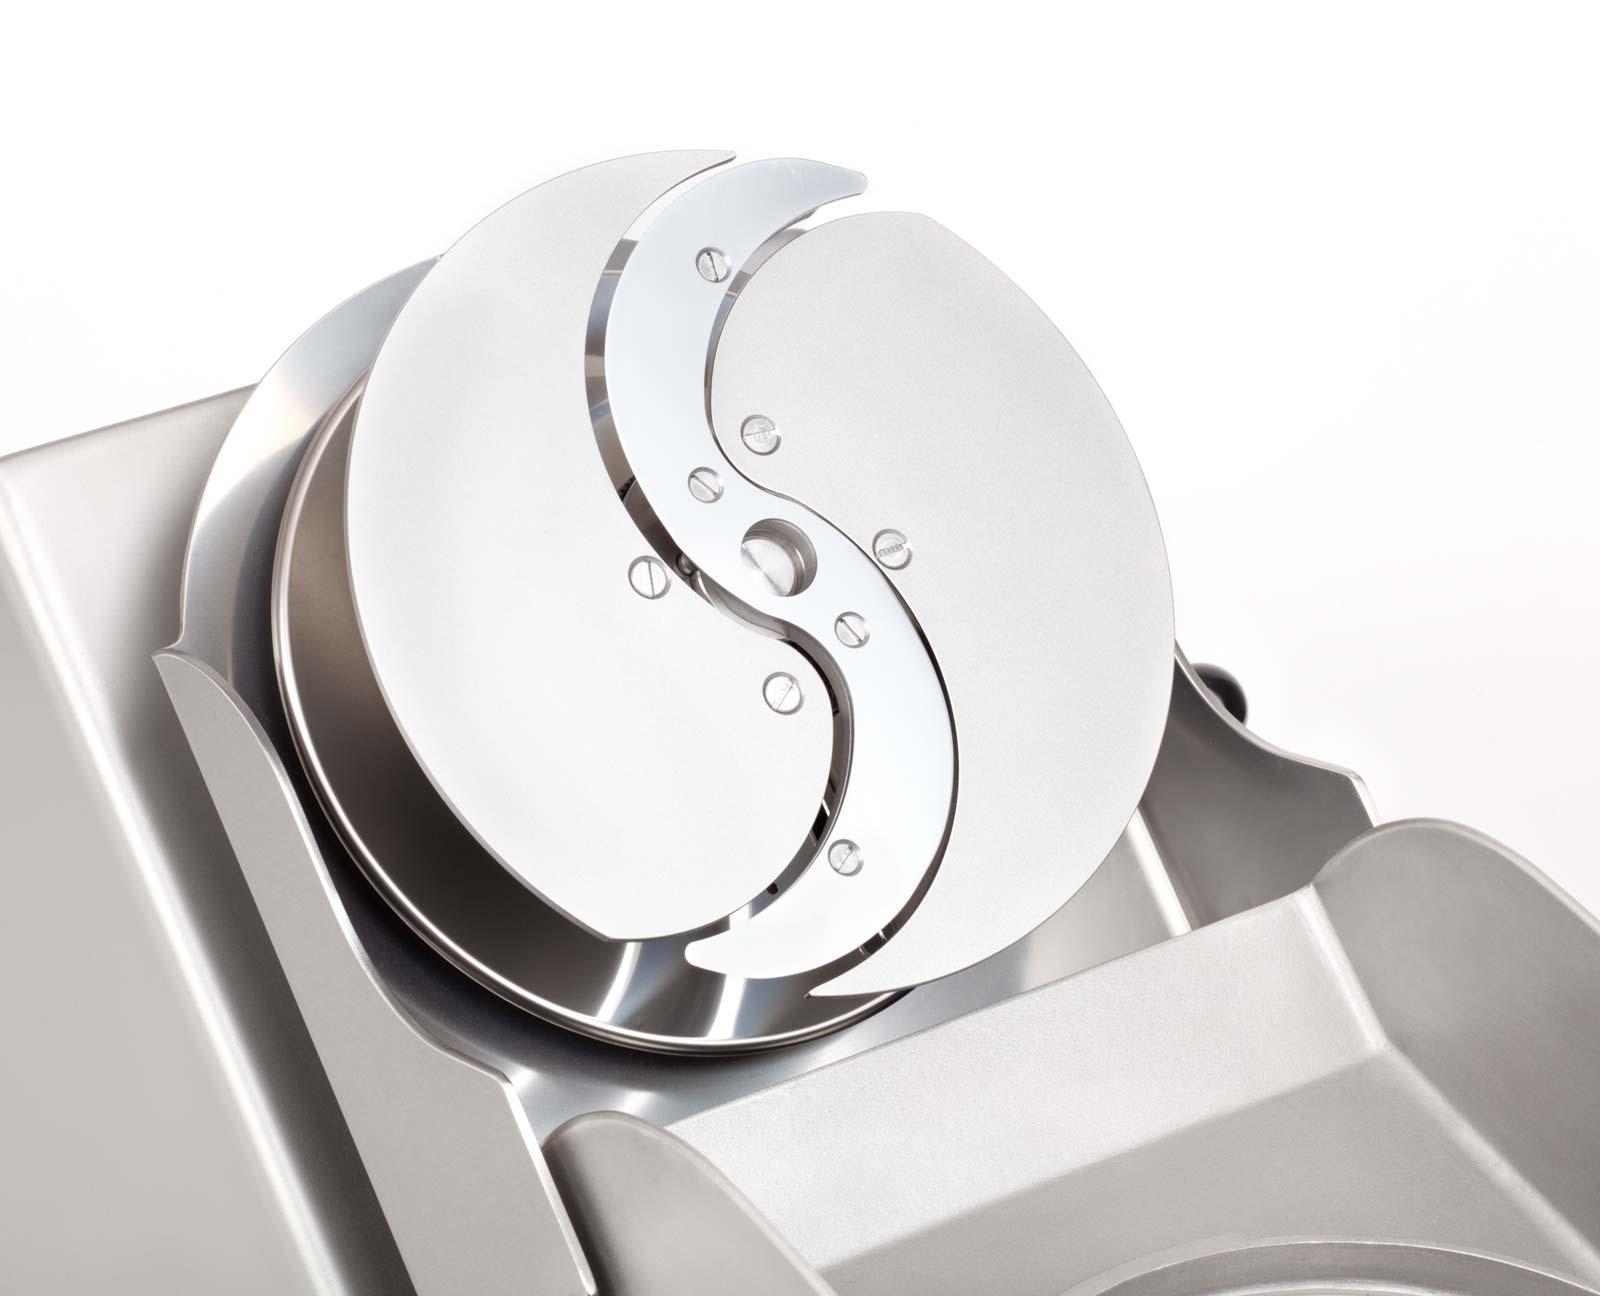 Feuma Supra 6e Multifunktions-Küchenmaschine für die Profiküche - Verstellbare Messerscheibe